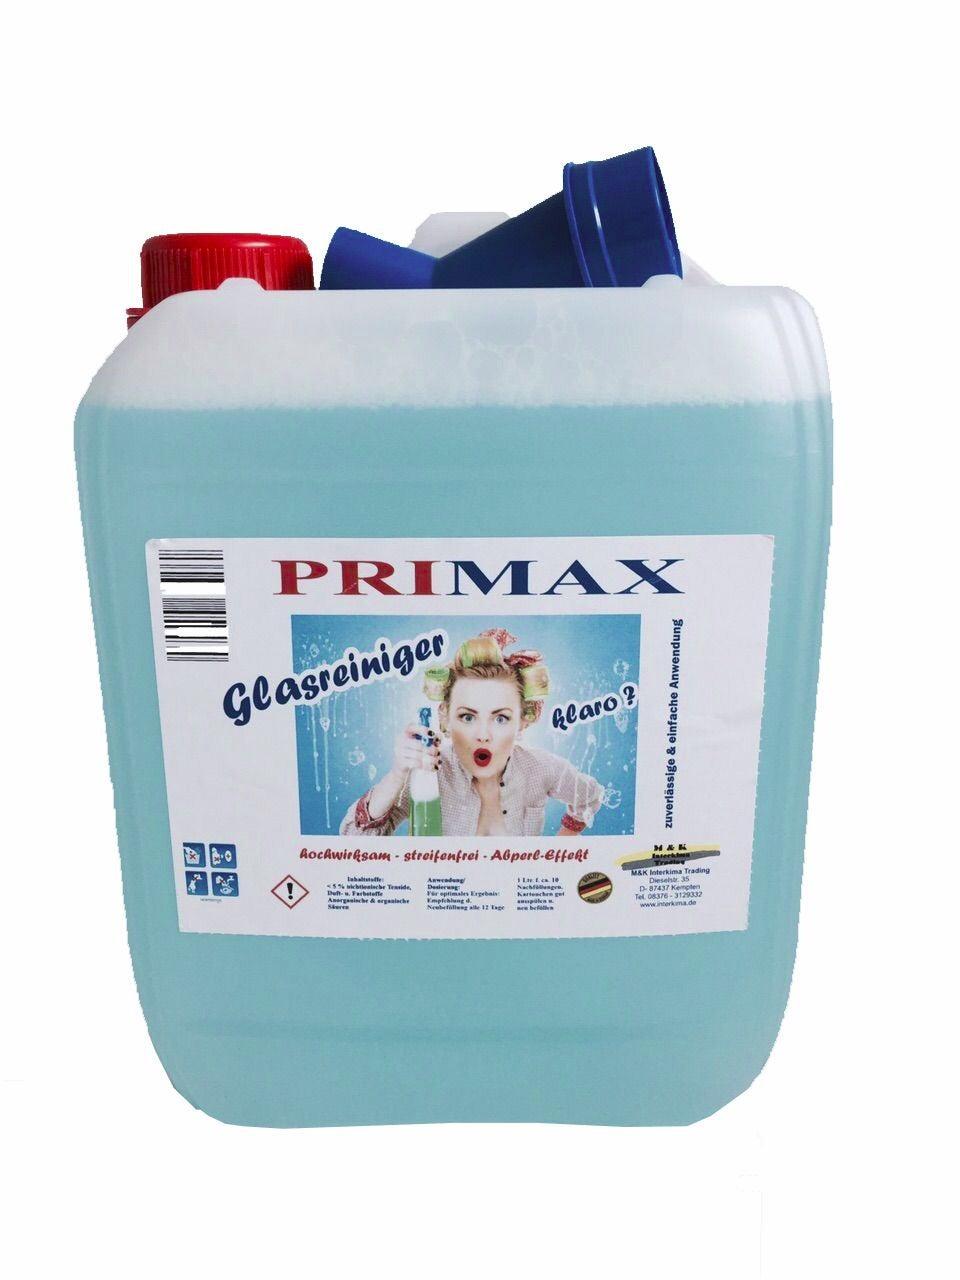 Primax Glasreiniger als Hygiene-Profi für alle Flächen, Spiegel & Kacheln im ganzen Haus. Anwendungsfertig - ideal zum nachfüllen der Sprühflasche, Familienpackung für eine streifenfreie Wohnung, Spar-Packung